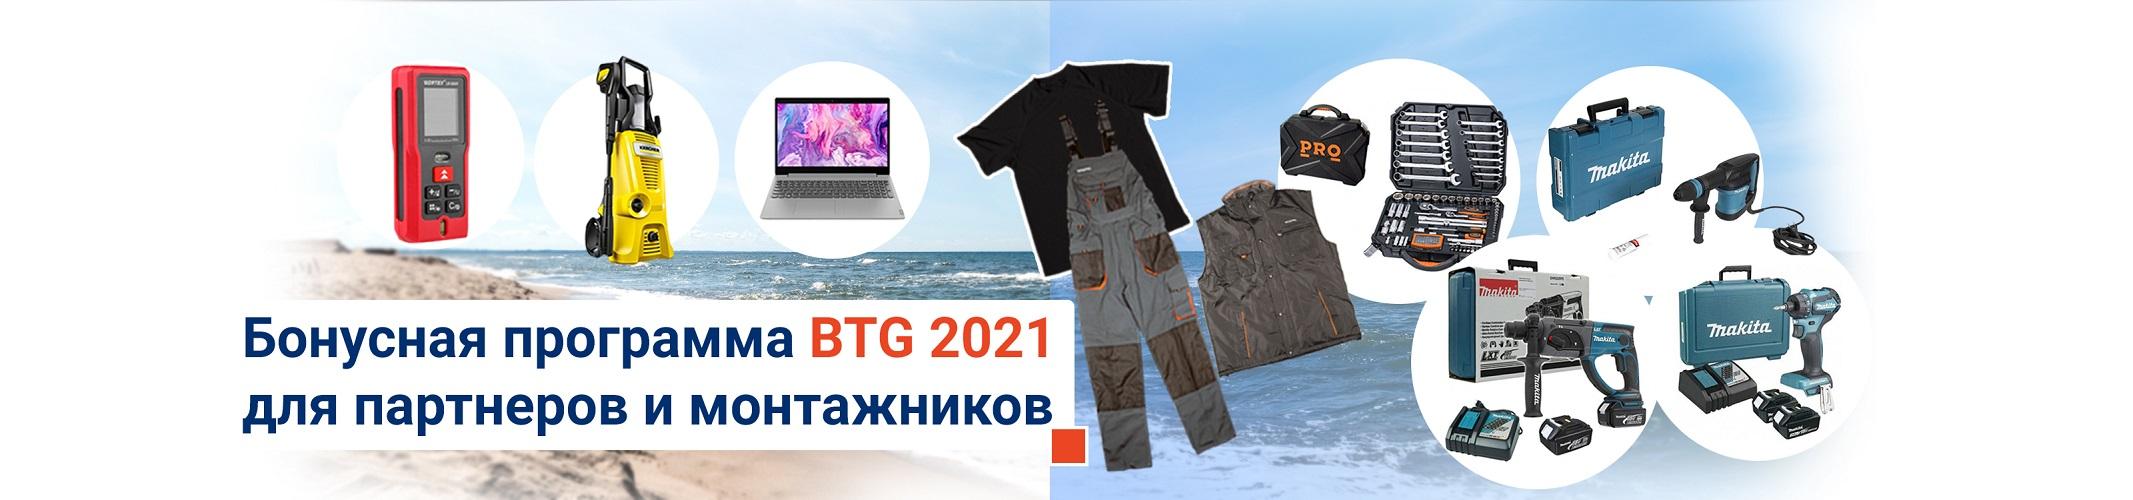 Бонусная программа для партнеров и монтажников BTG 2021